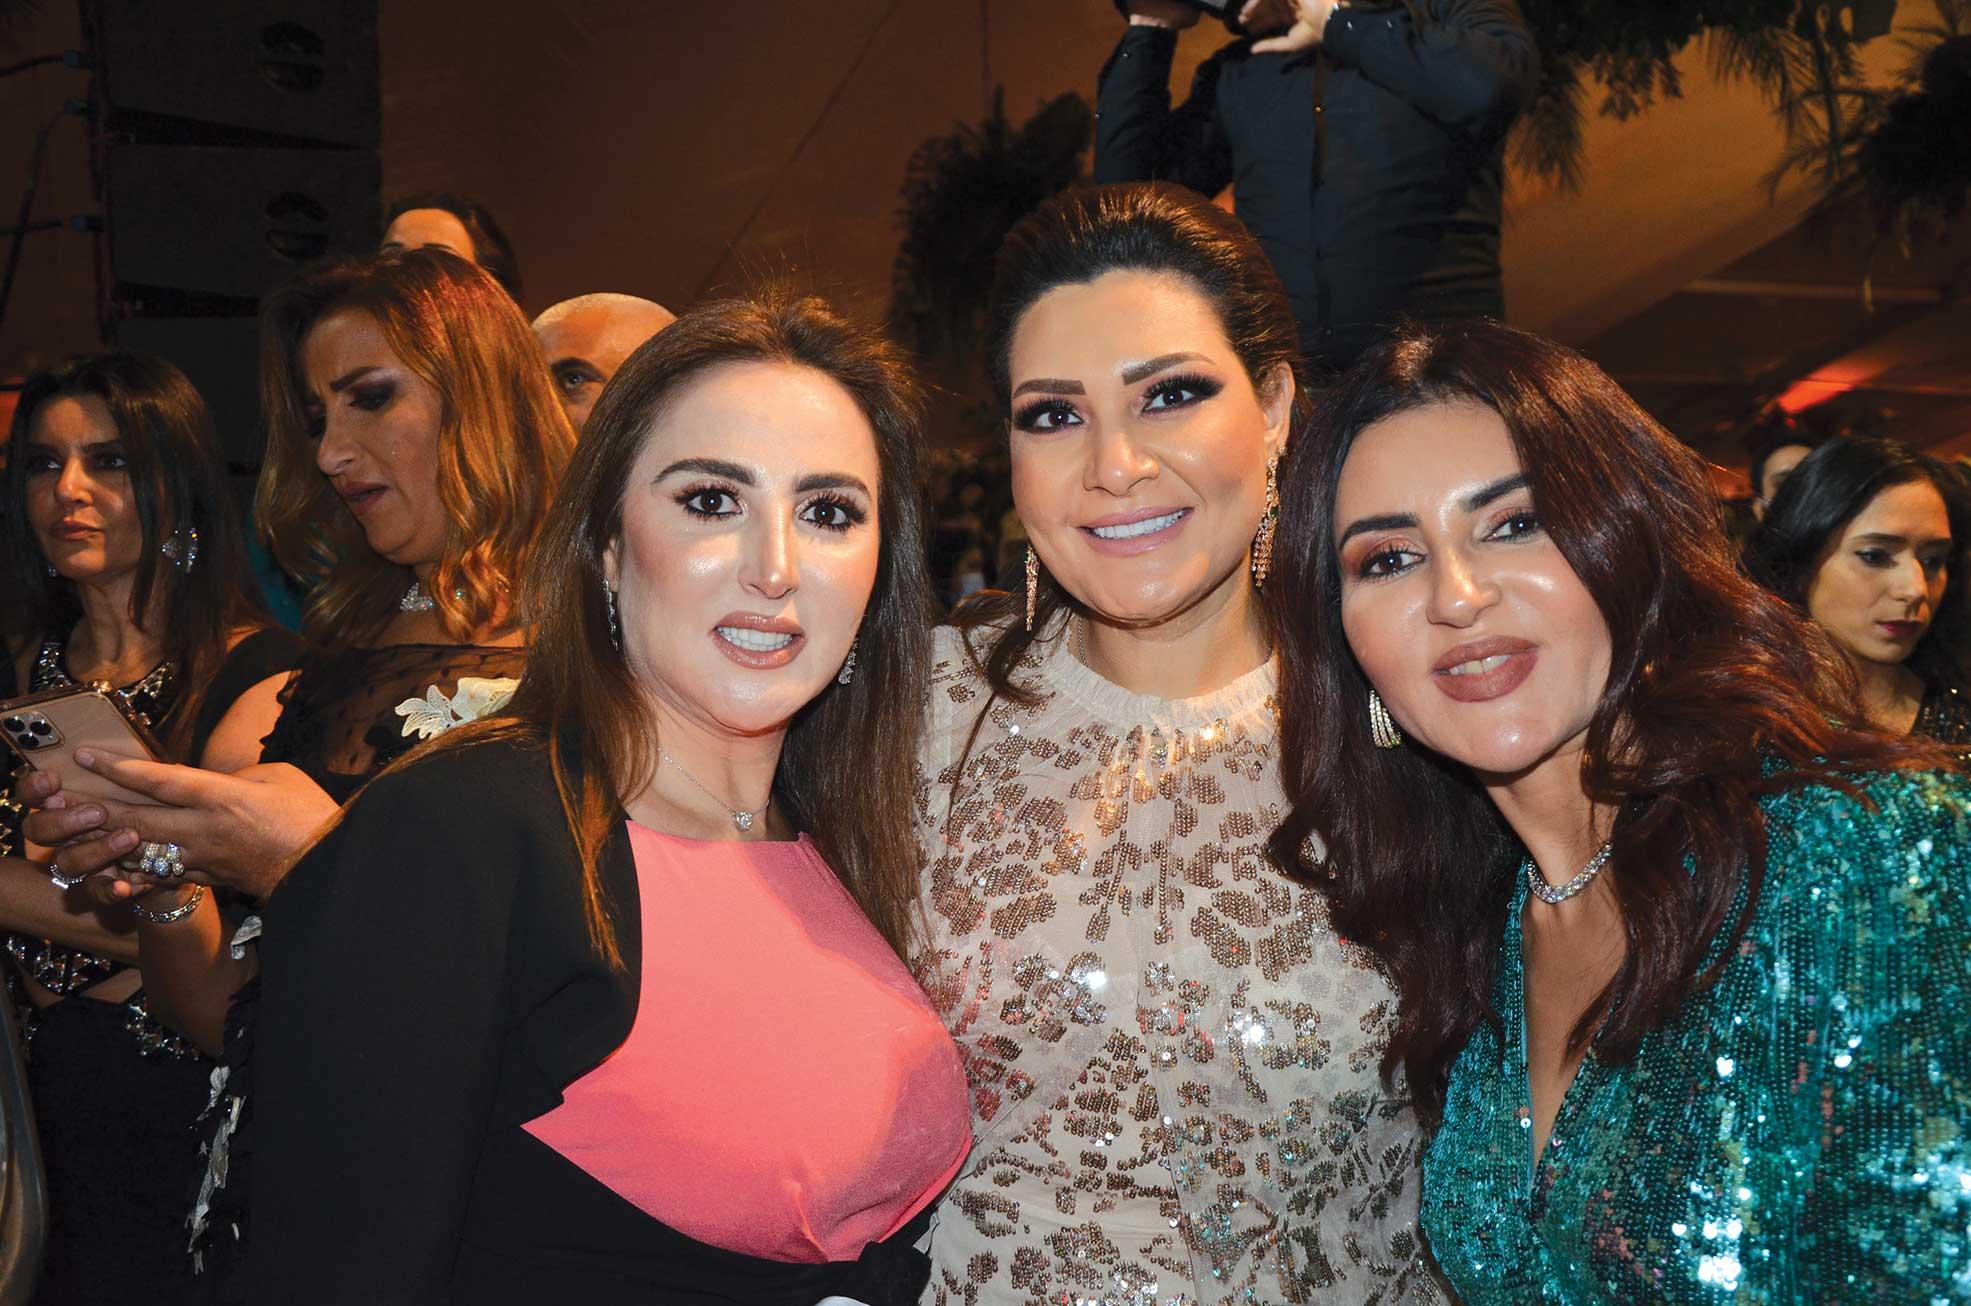 Ms. Hala Khaled, Ms. Dina Talaat & Ms. Manar Abo ElMakarem